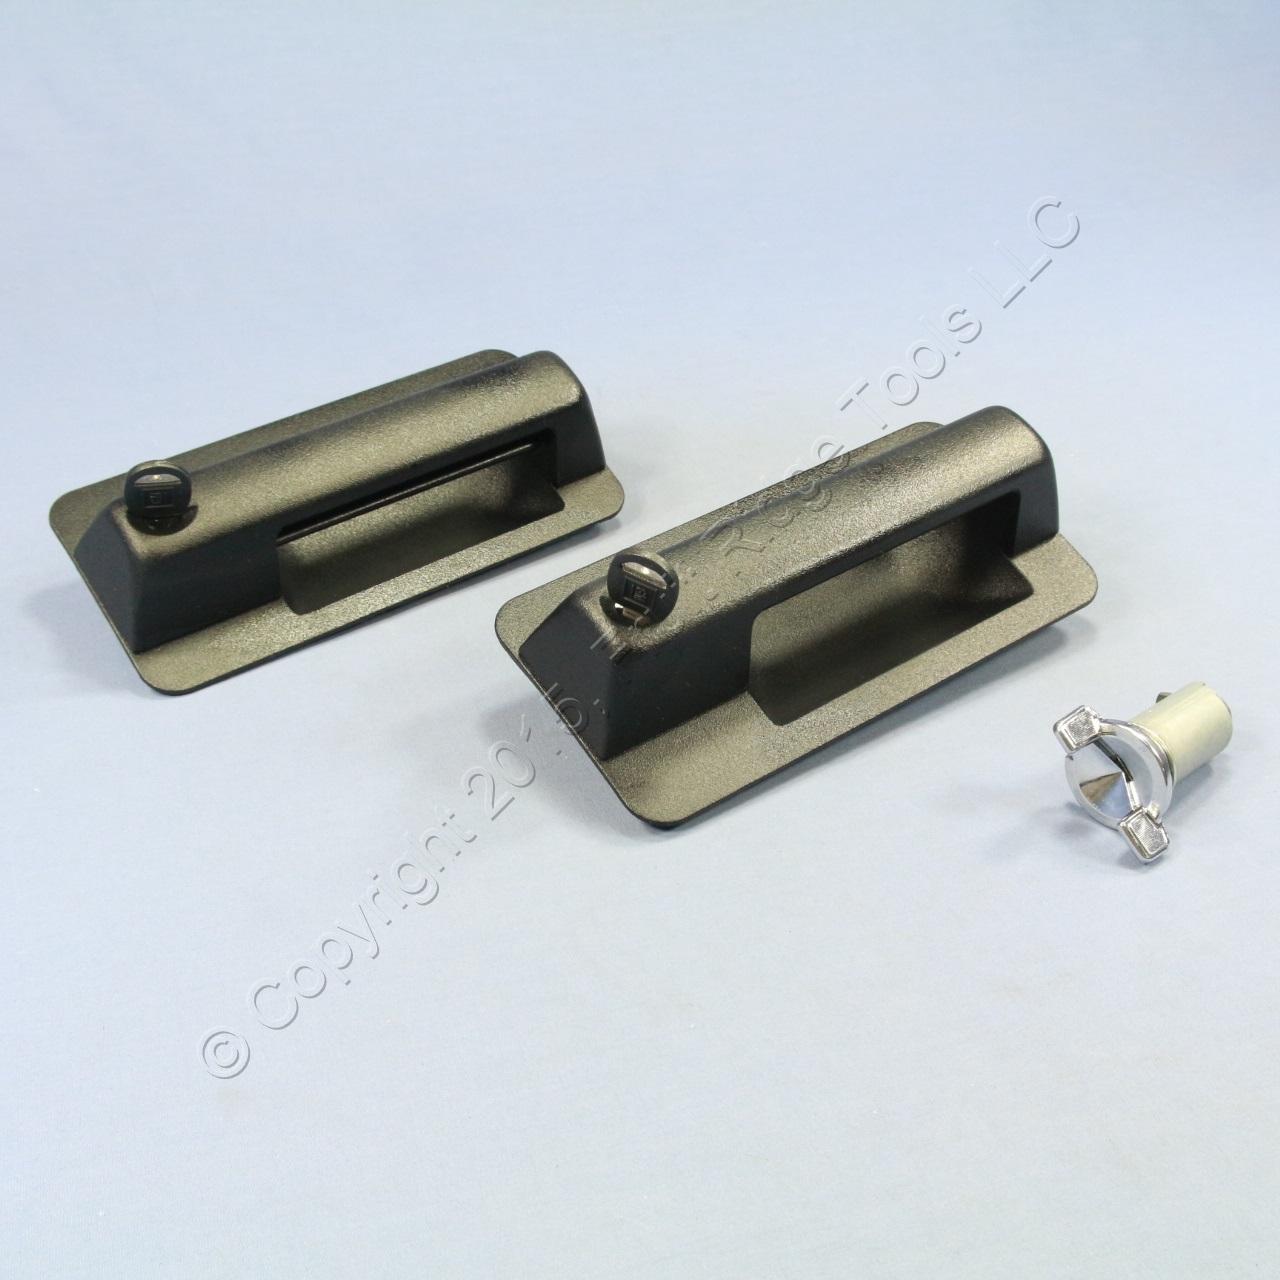 New Gm Exterior Black Metal Door Handle Set 15632419 15632420 W Keys Ebay